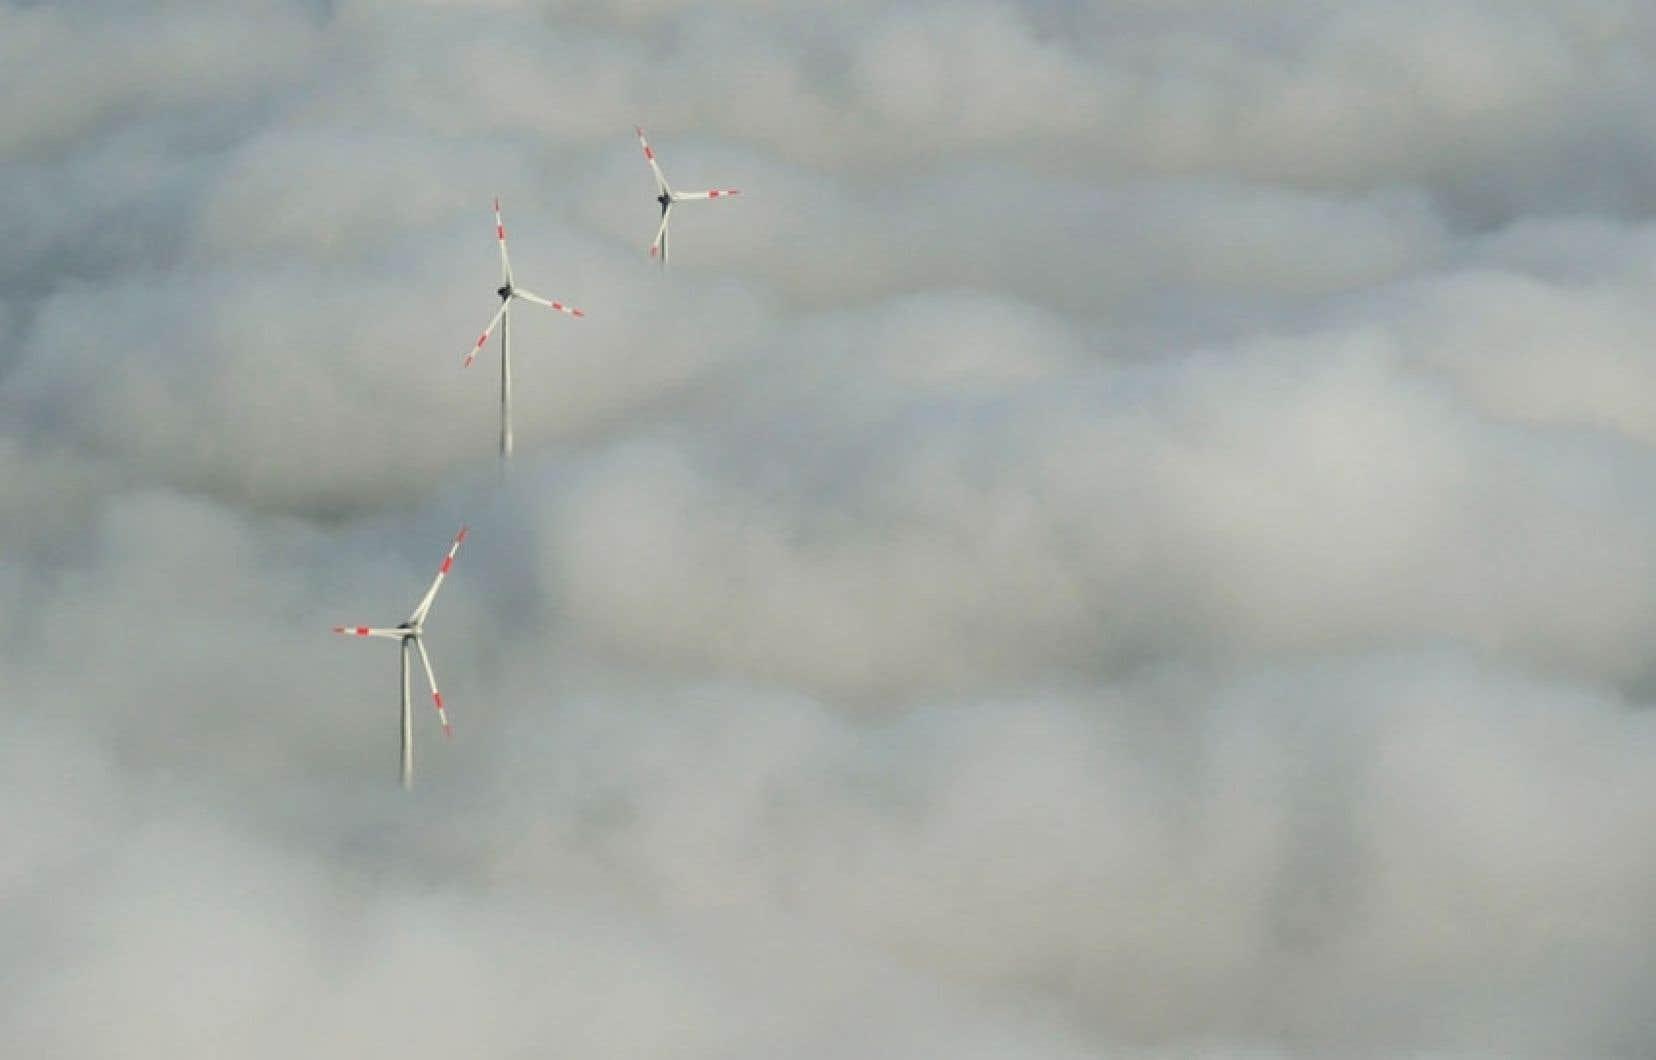 À Francfort, en Allemagne, ces éoliennes semblent avoir la tête dans les nuages, phénomène causé par un épais brouillard.